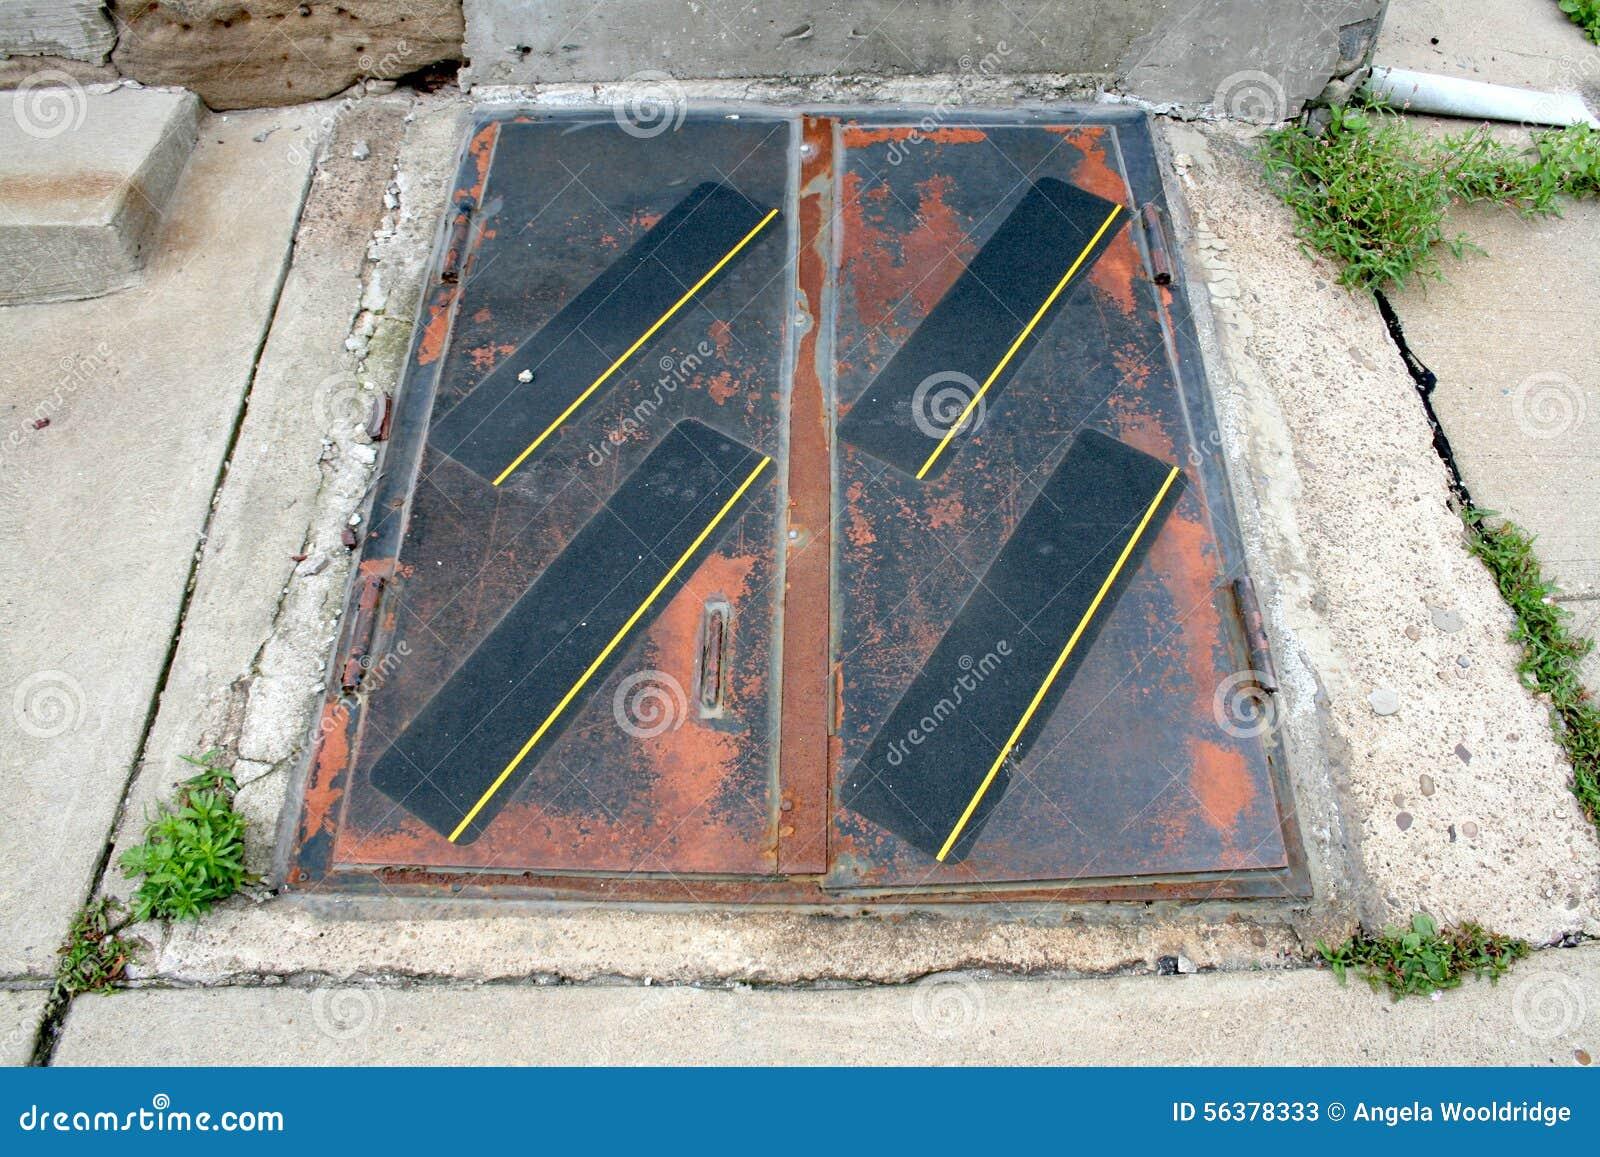 l'esterno all'aperto ha arrugginito porte alle scale al pavimento ... - Pavimento Per Seminterrato